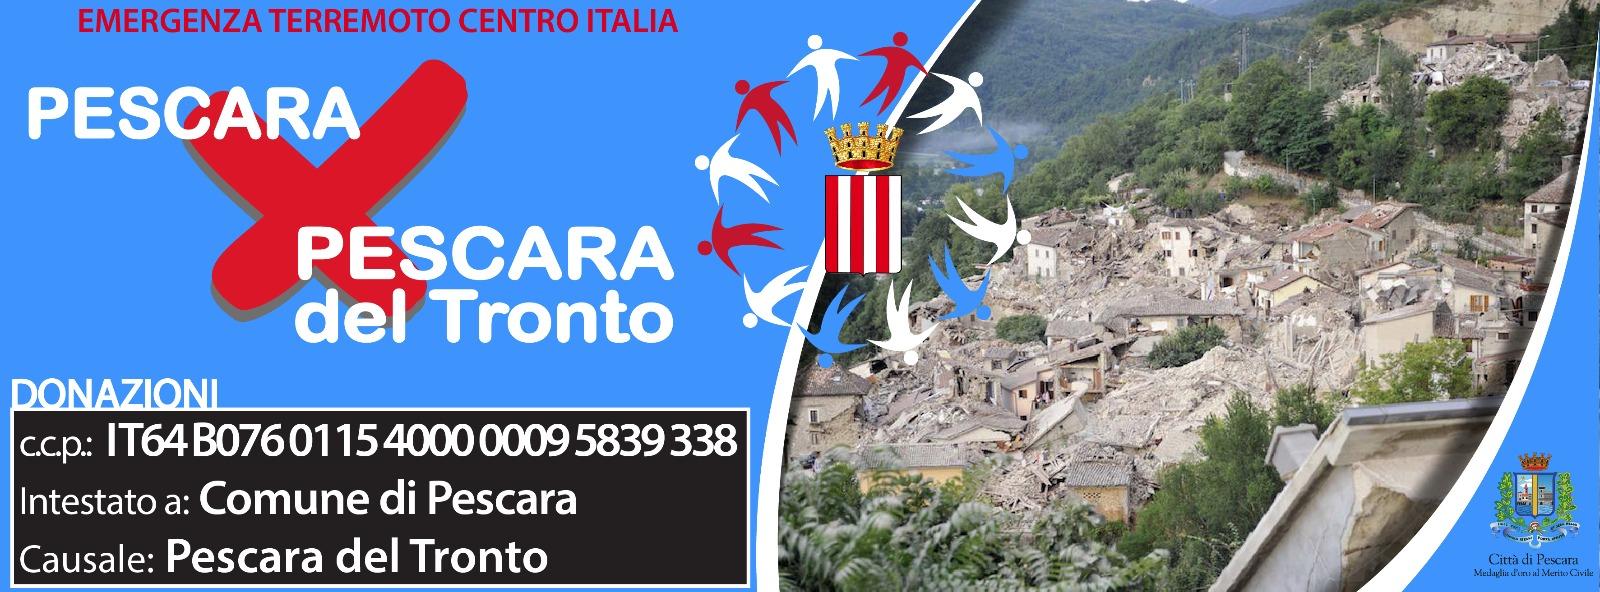 Terremoto, Pescara ai funerali col gonfalone della città